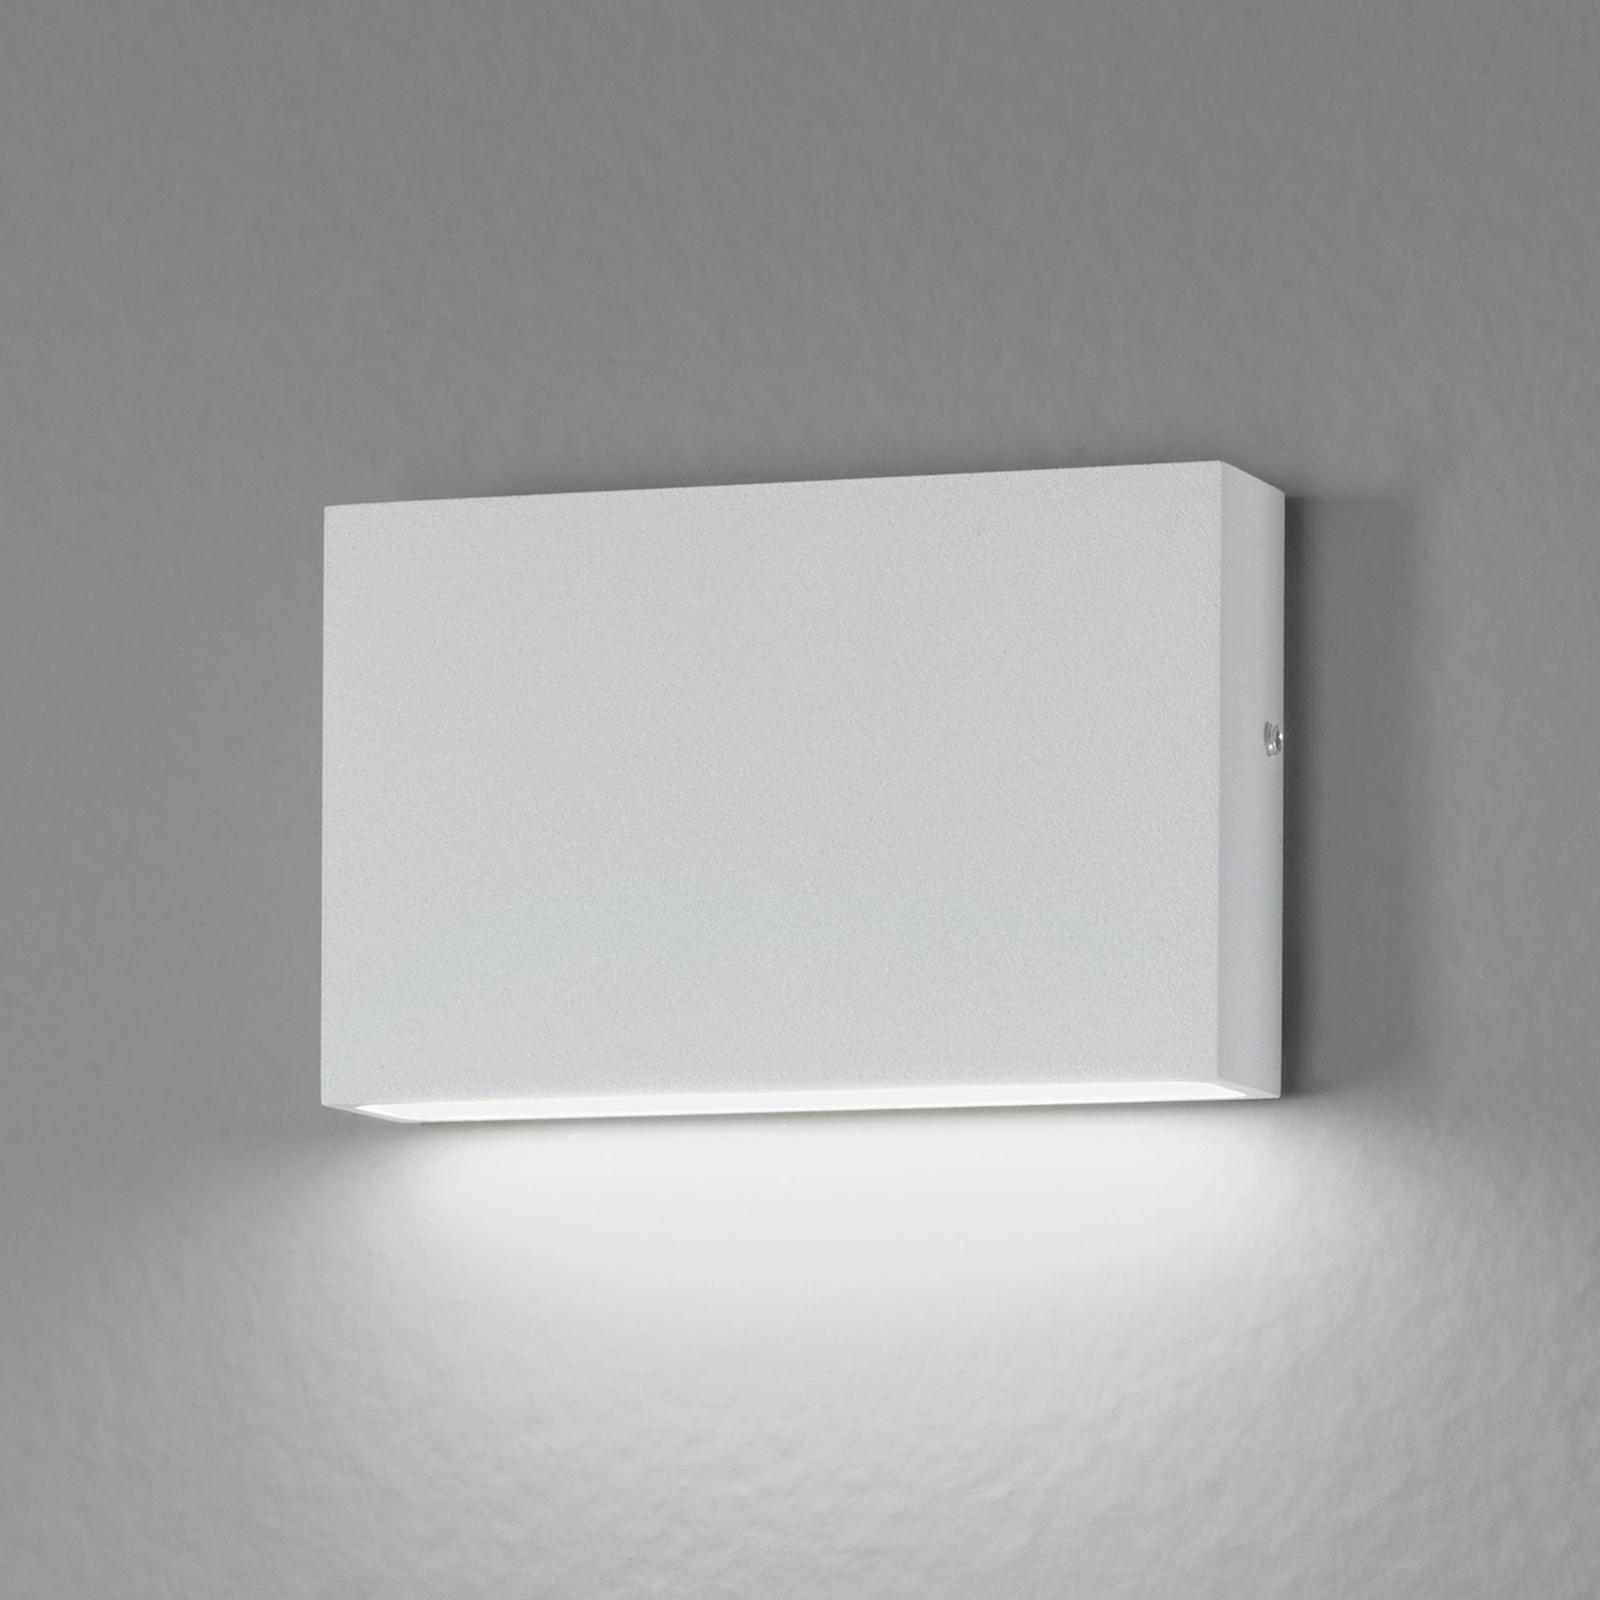 Für innen und außen - LED-Wandleuchte Flatbox